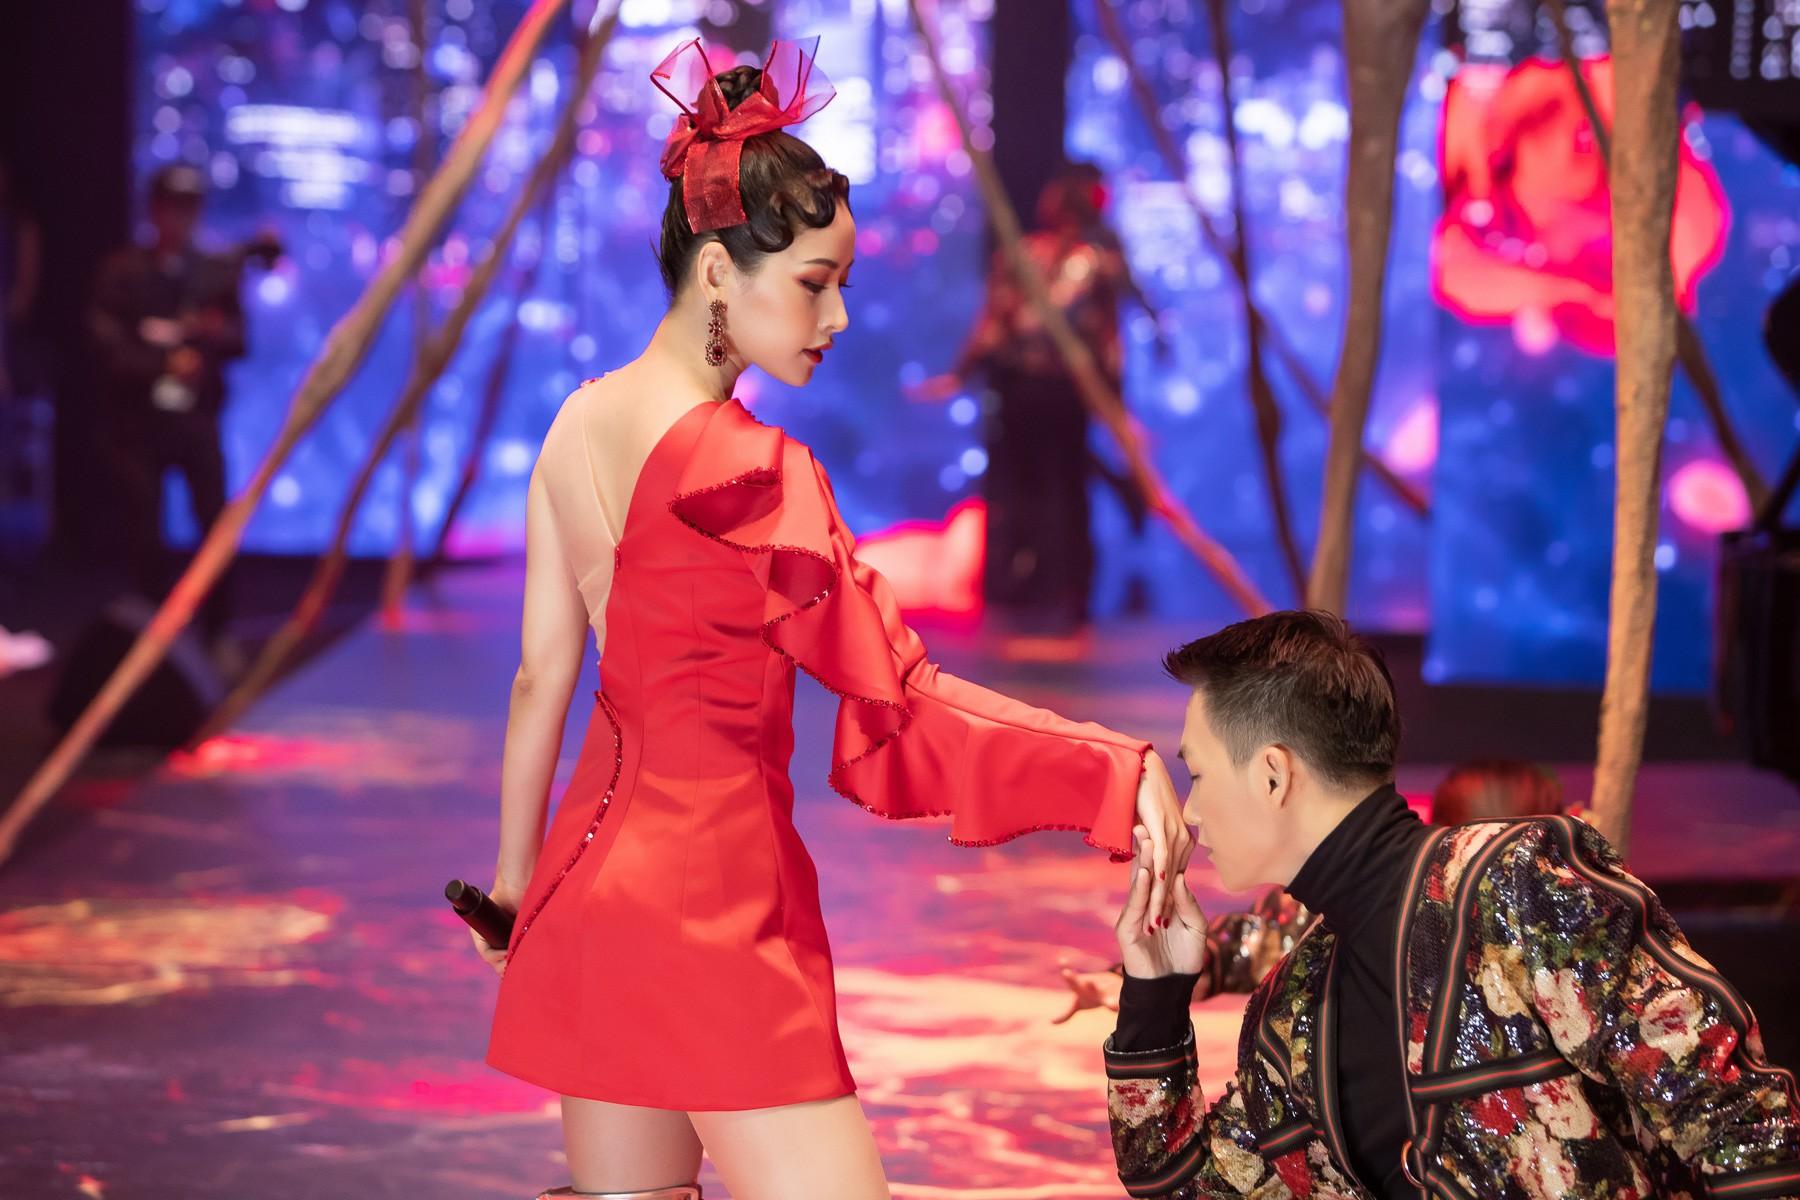 """Chi Pu làm mới """"Đóa hoa hồng"""" bằng phong cách dàn nhạc, không biểu diễn vũ đạo kỳ lạ - Ảnh 3."""